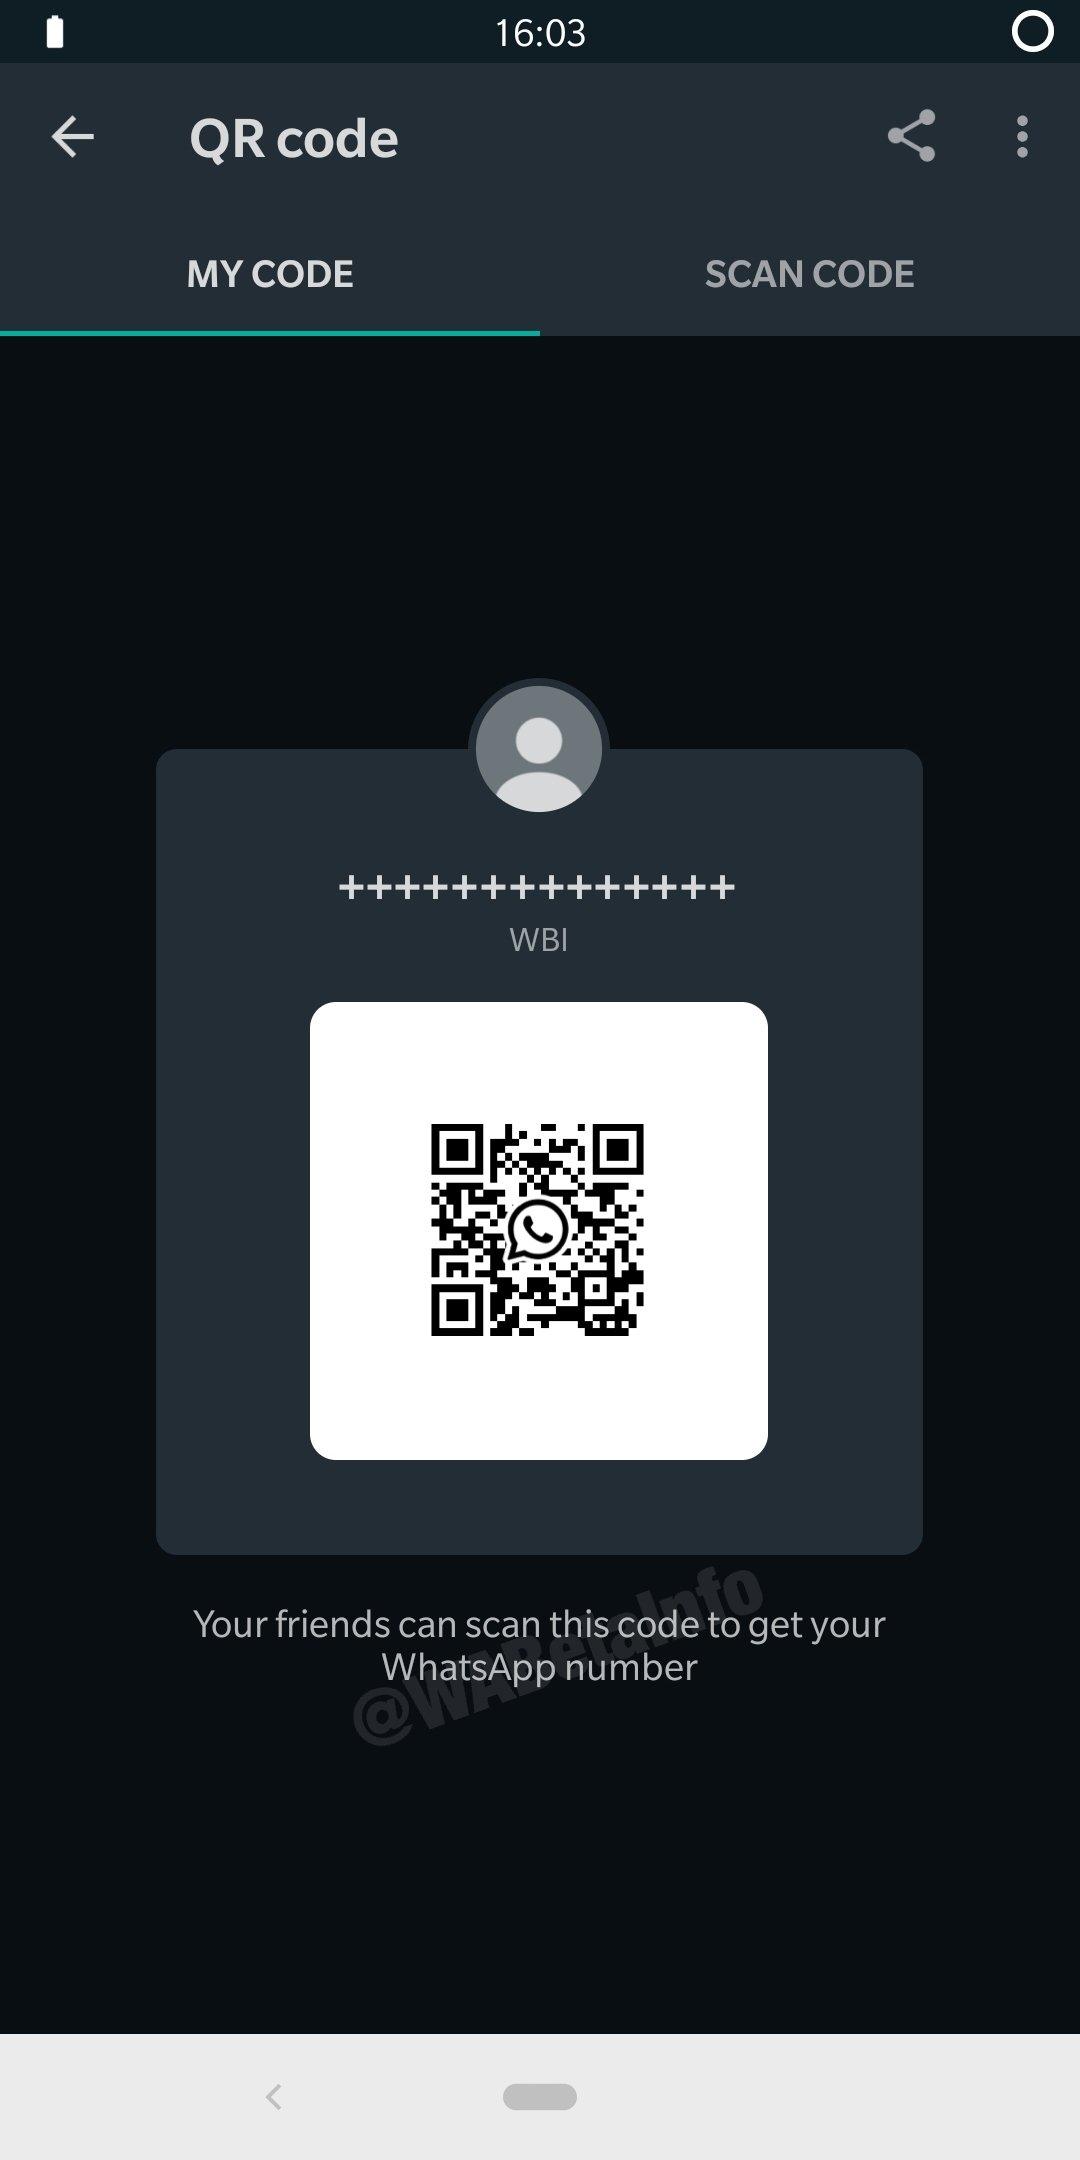 exemplo de código qr whatsapp